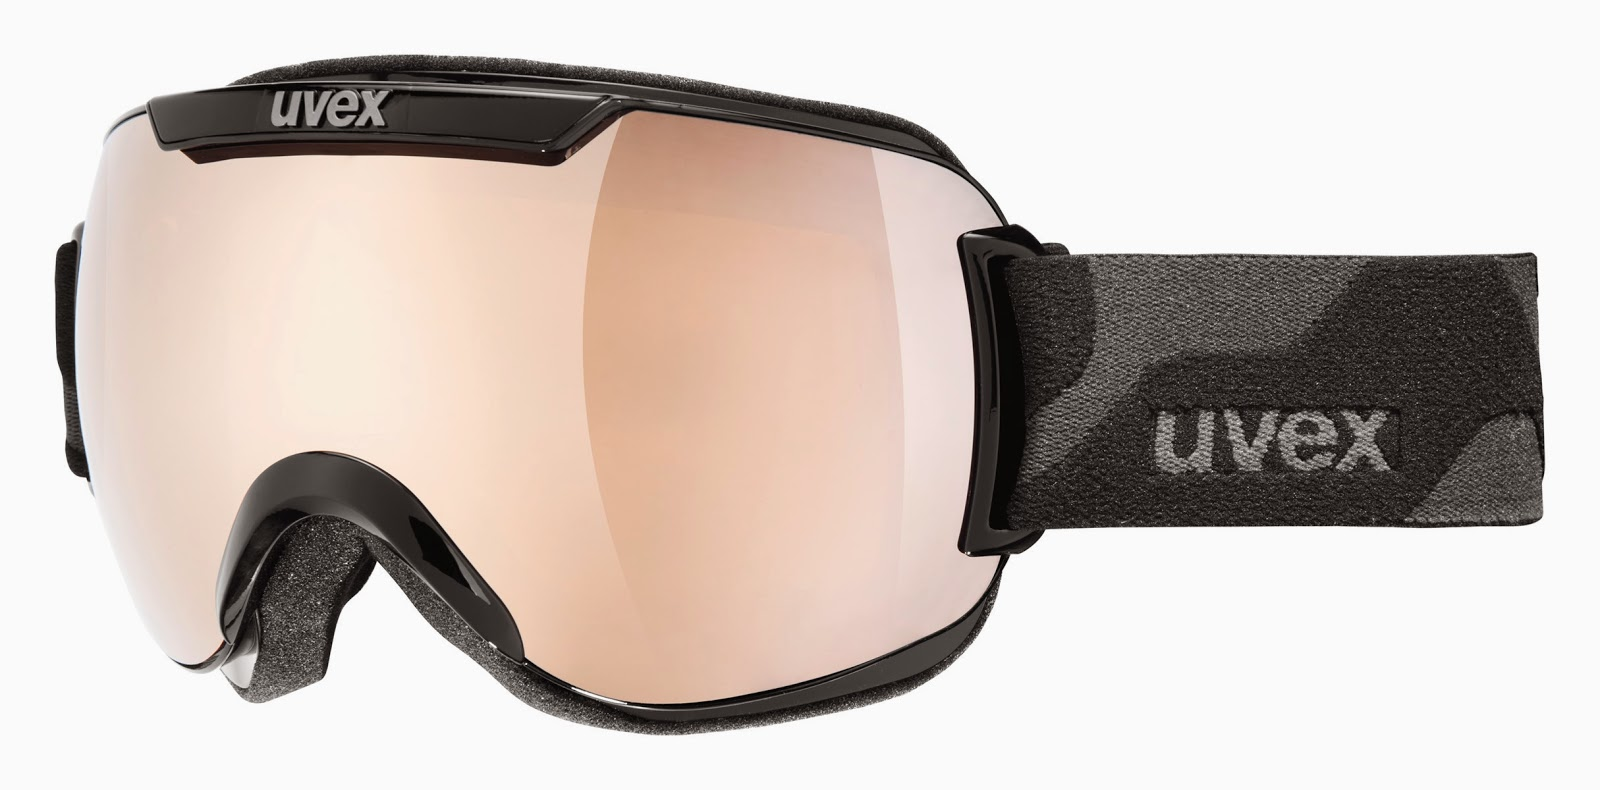 ... os óculos para as diferentes modalidades de ciclismo, como MTB, Speed,  Downhill e demais, pois cada uma conta com um tipo específico de armação e  lente. 1ac9b84508